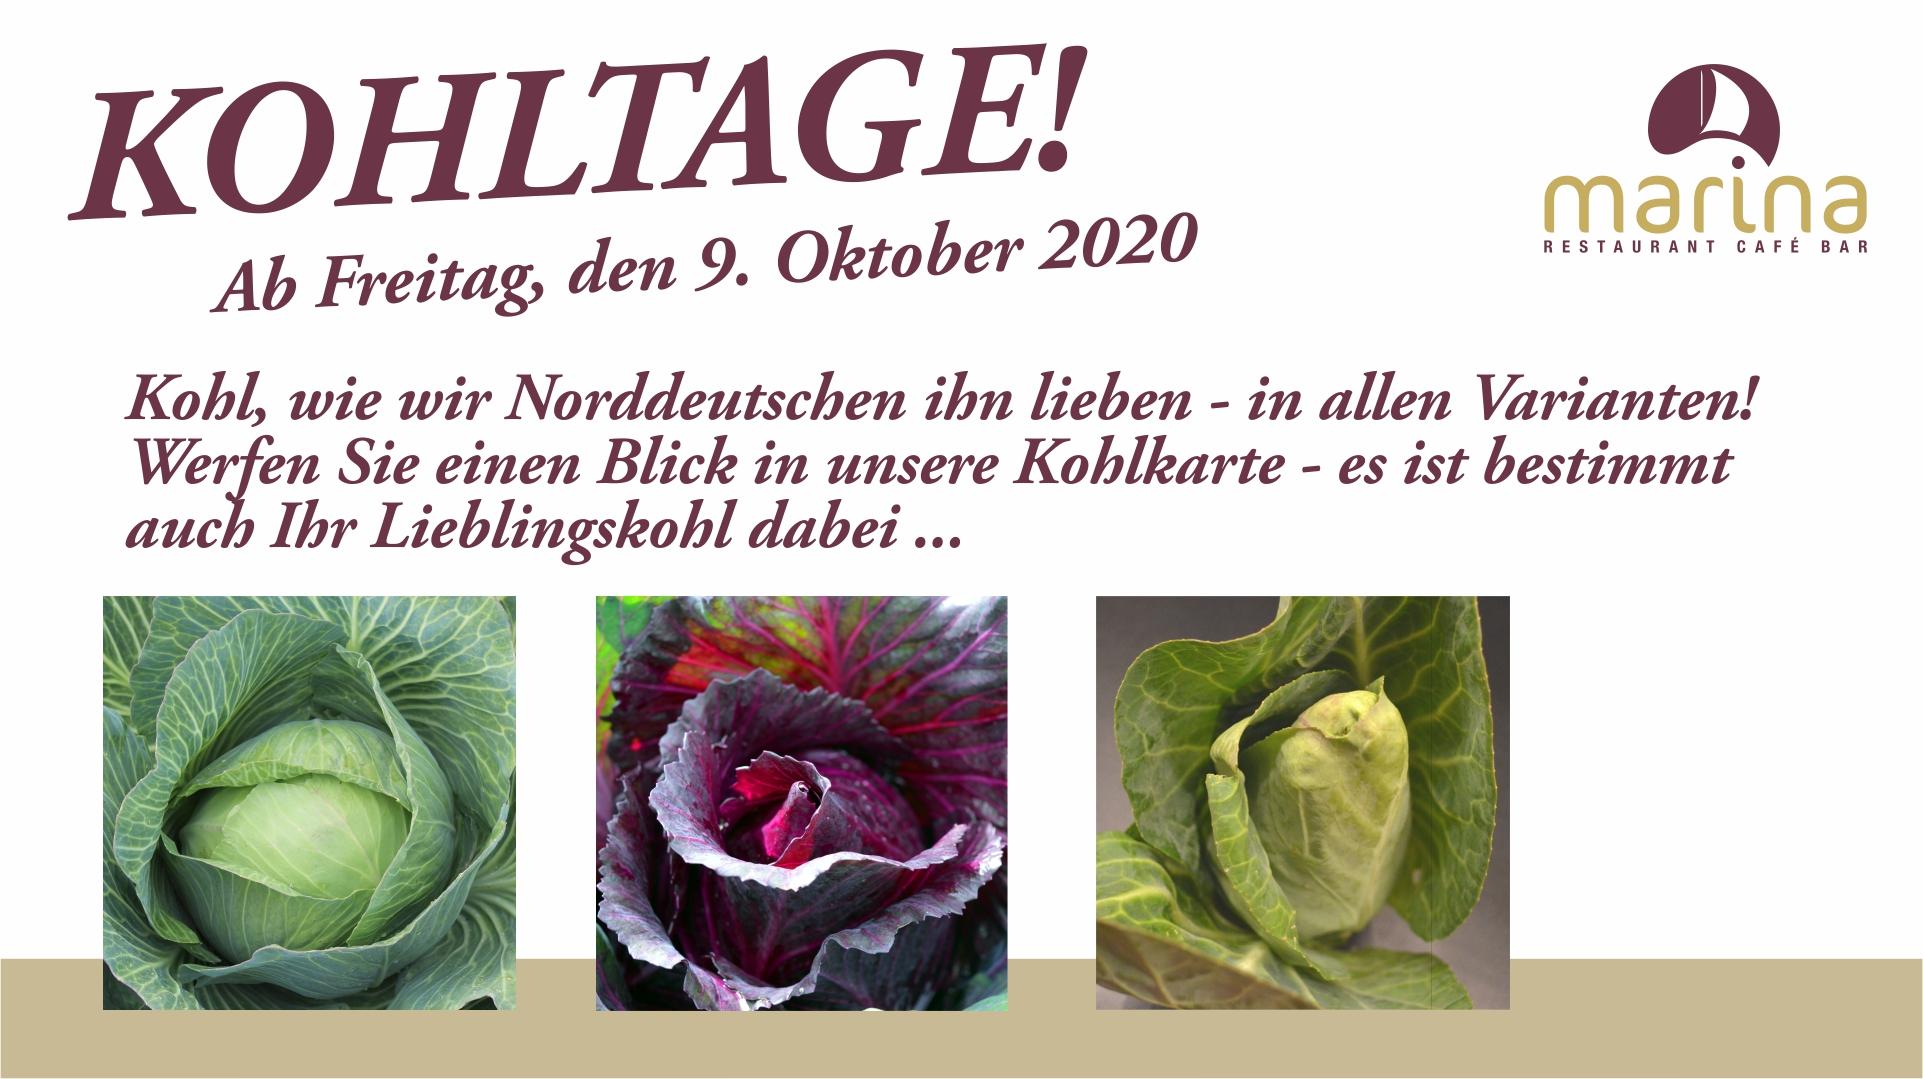 Am Freitag, den 9. Oktober 2020, starten wir die KOHLTAGE!